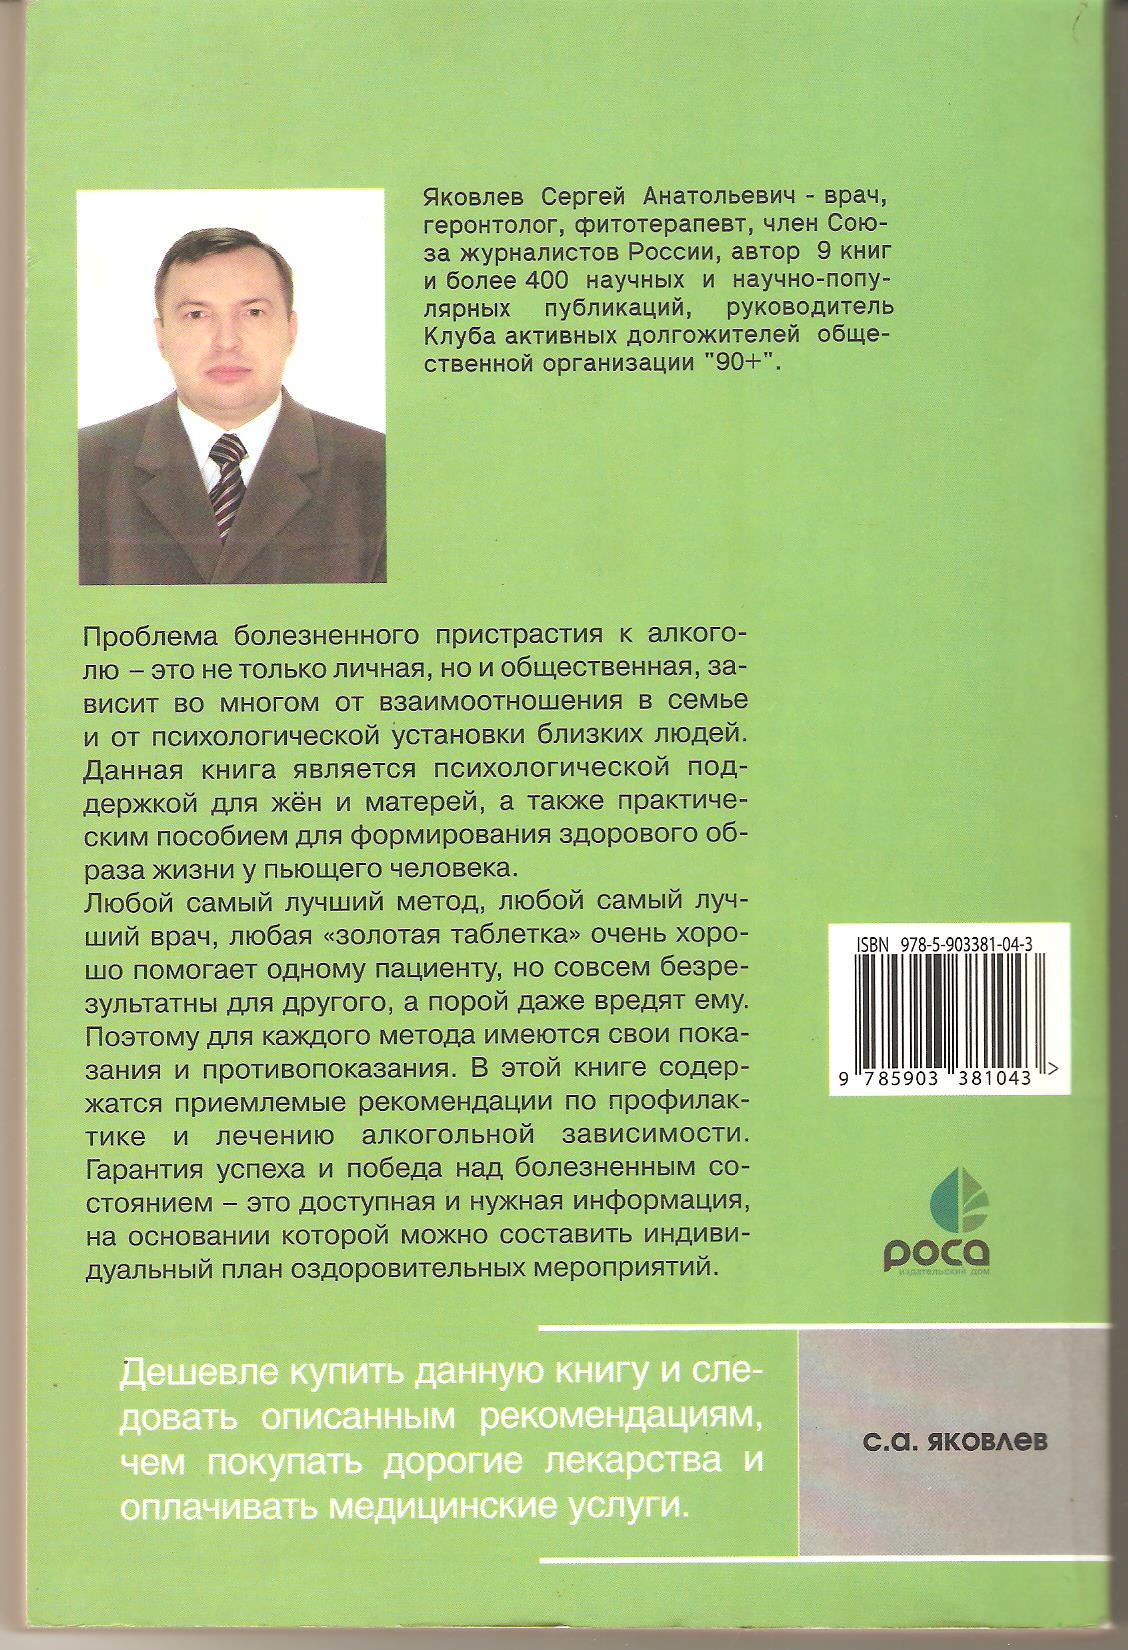 Яковлев С. А. Алкоголь и ваша жизнь 002.jpg